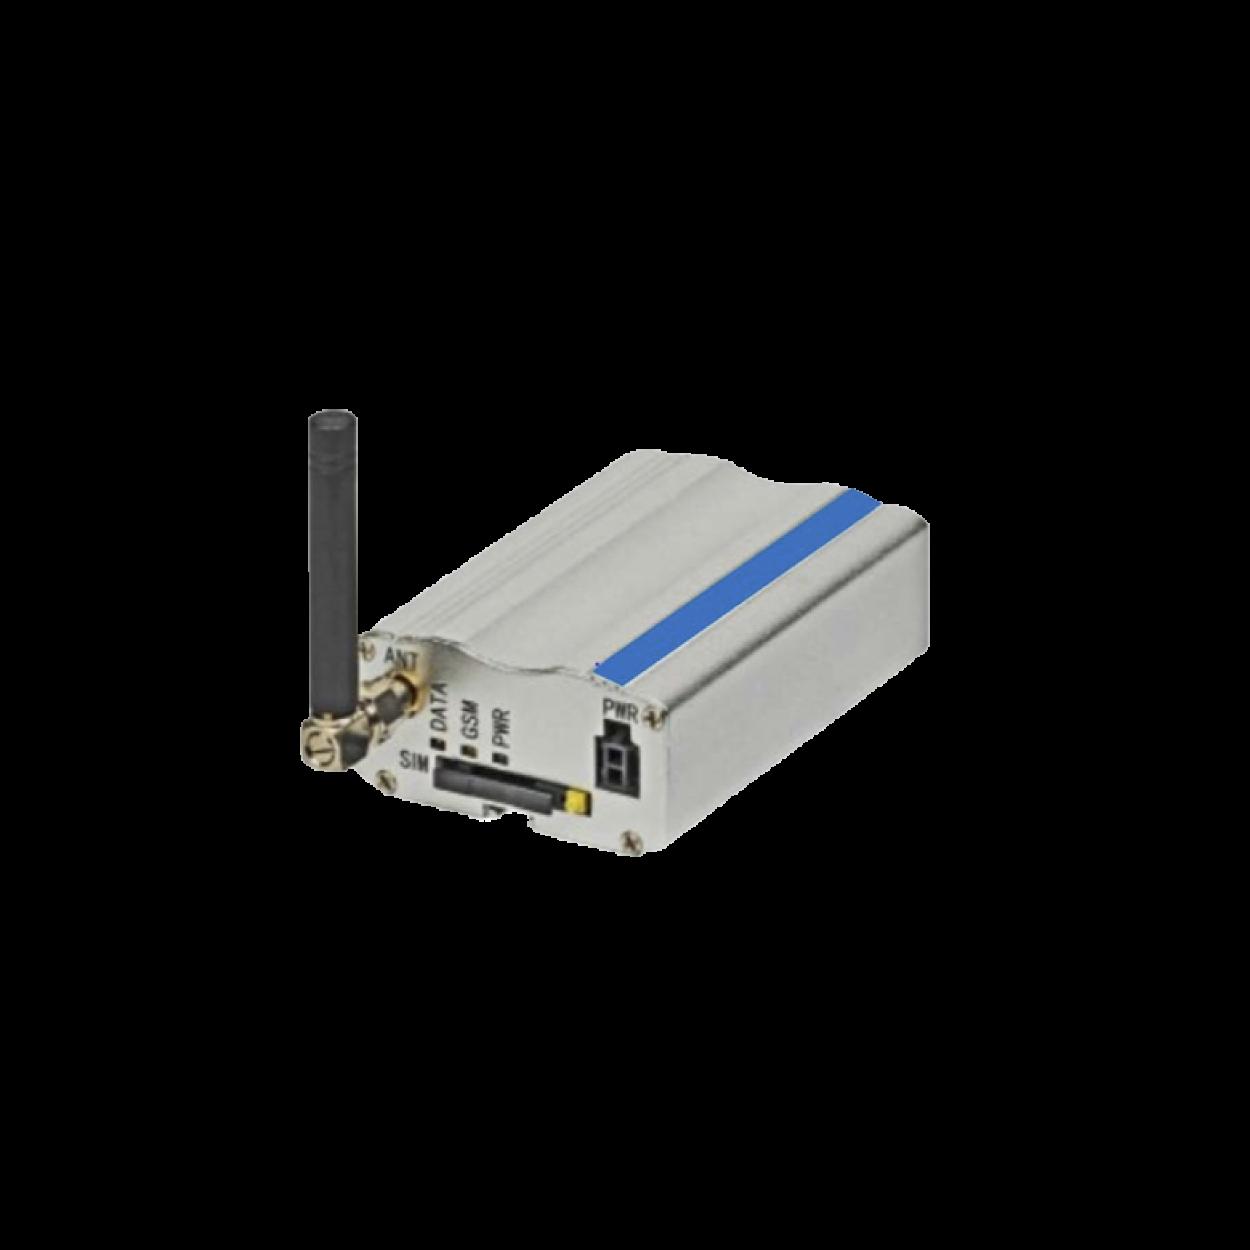 MD3_GSM_GPRS_3G_modem